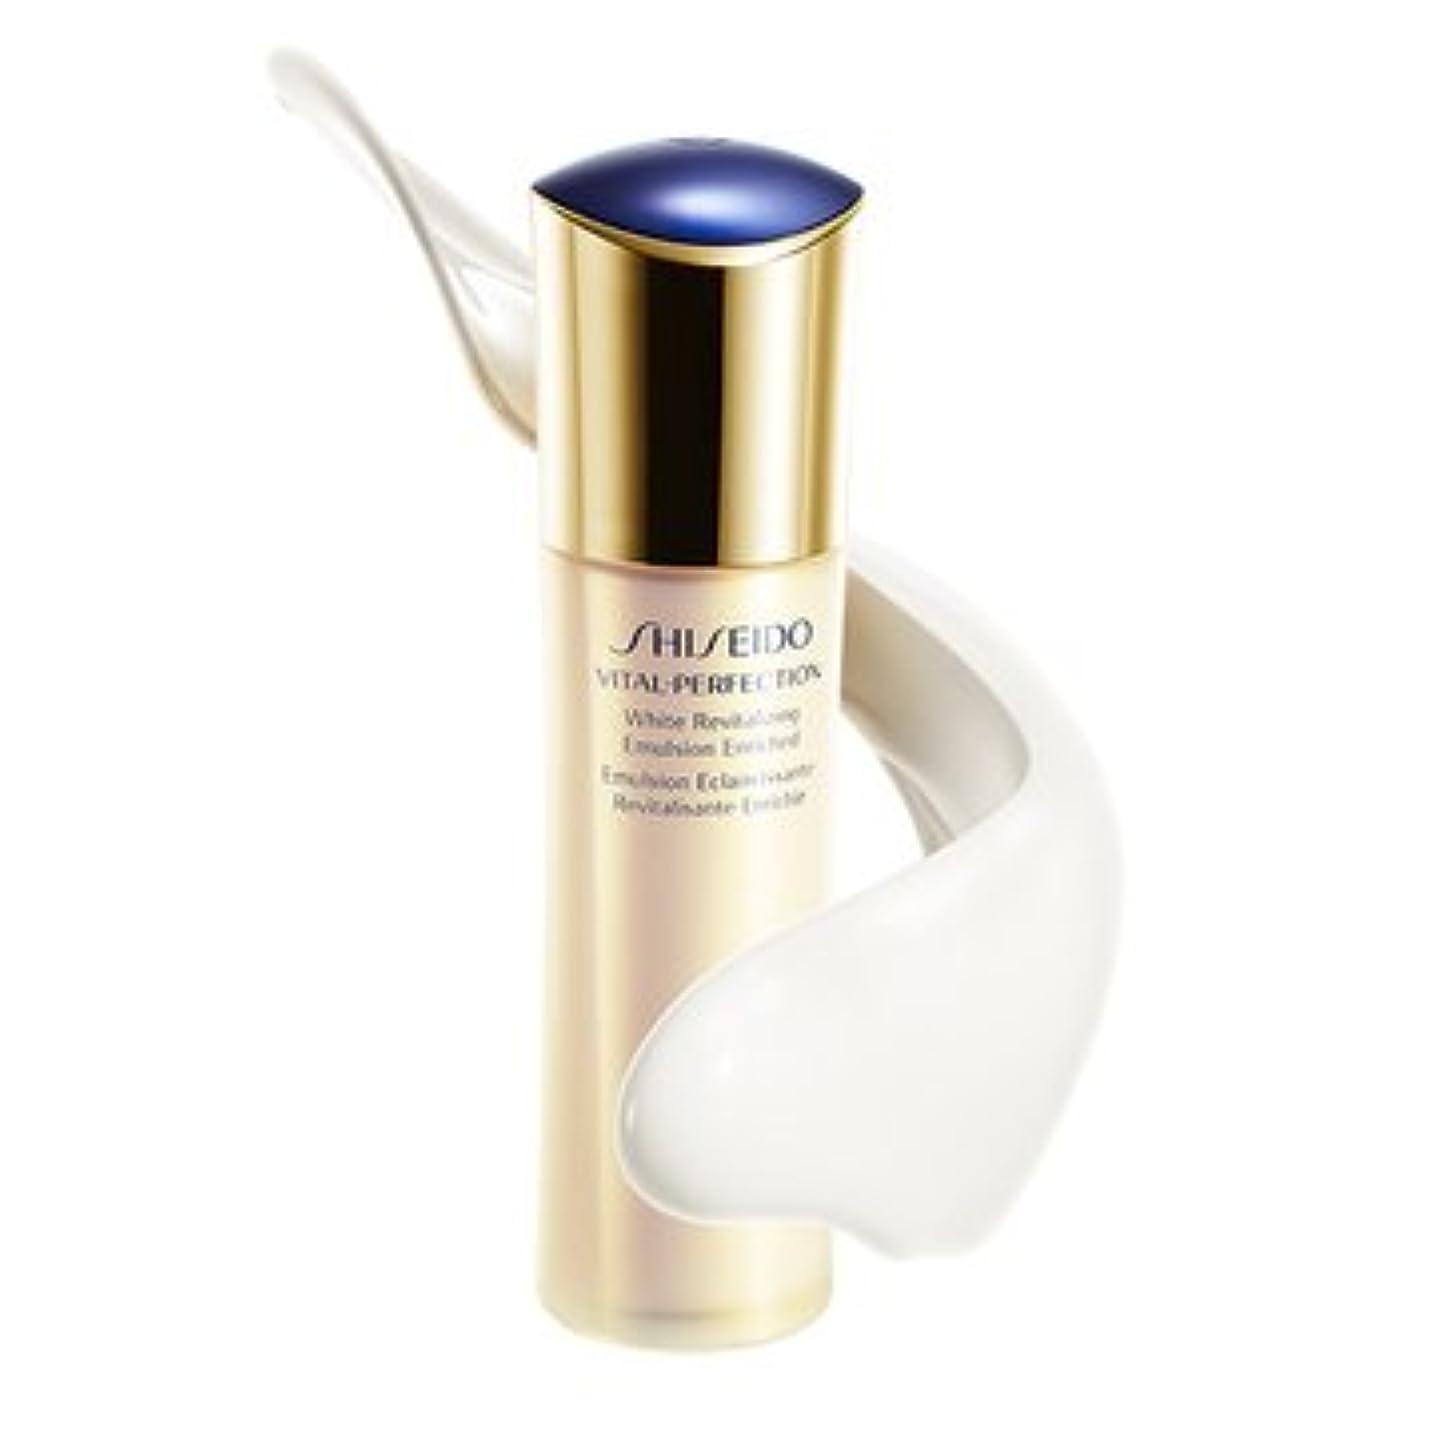 受け入れたパイルメッセンジャー資生堂/shiseido バイタルパーフェクション/VITAL-PERFECTION ホワイトRV エマルジョン(医薬部外品)美白乳液